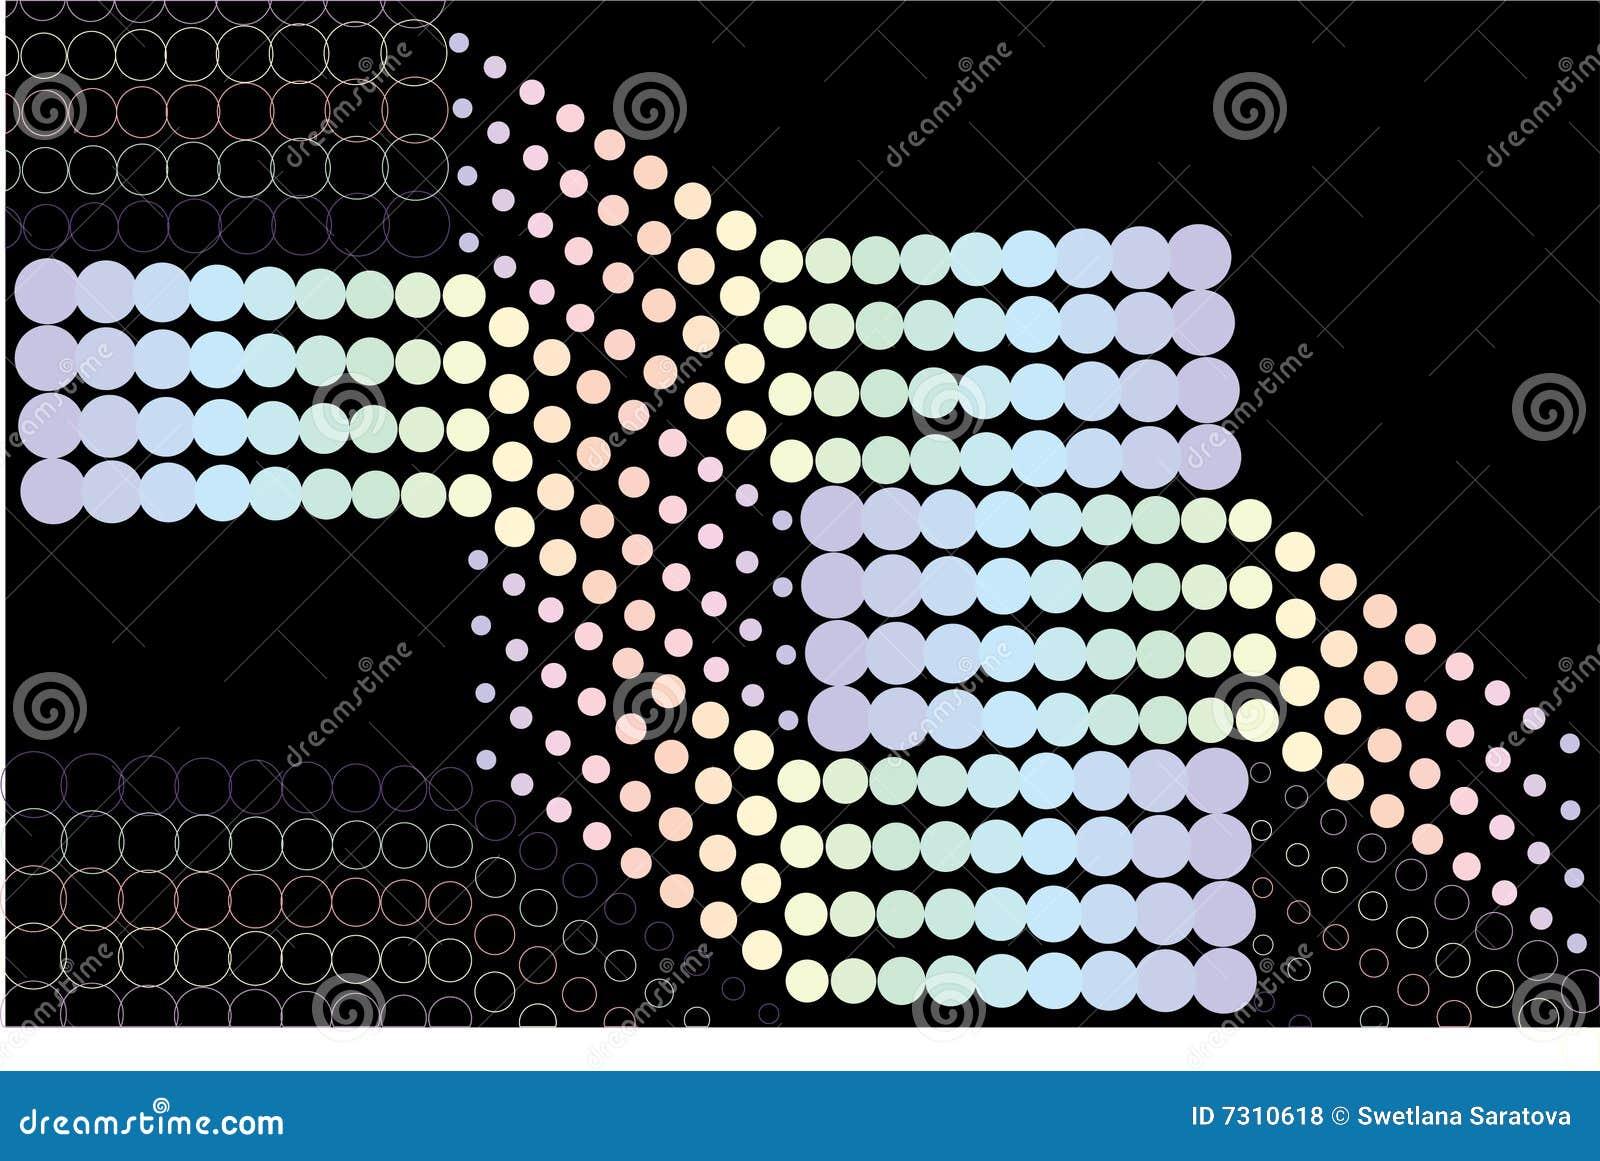 Illustrazione di immagini di vettore della maschera del puntino.